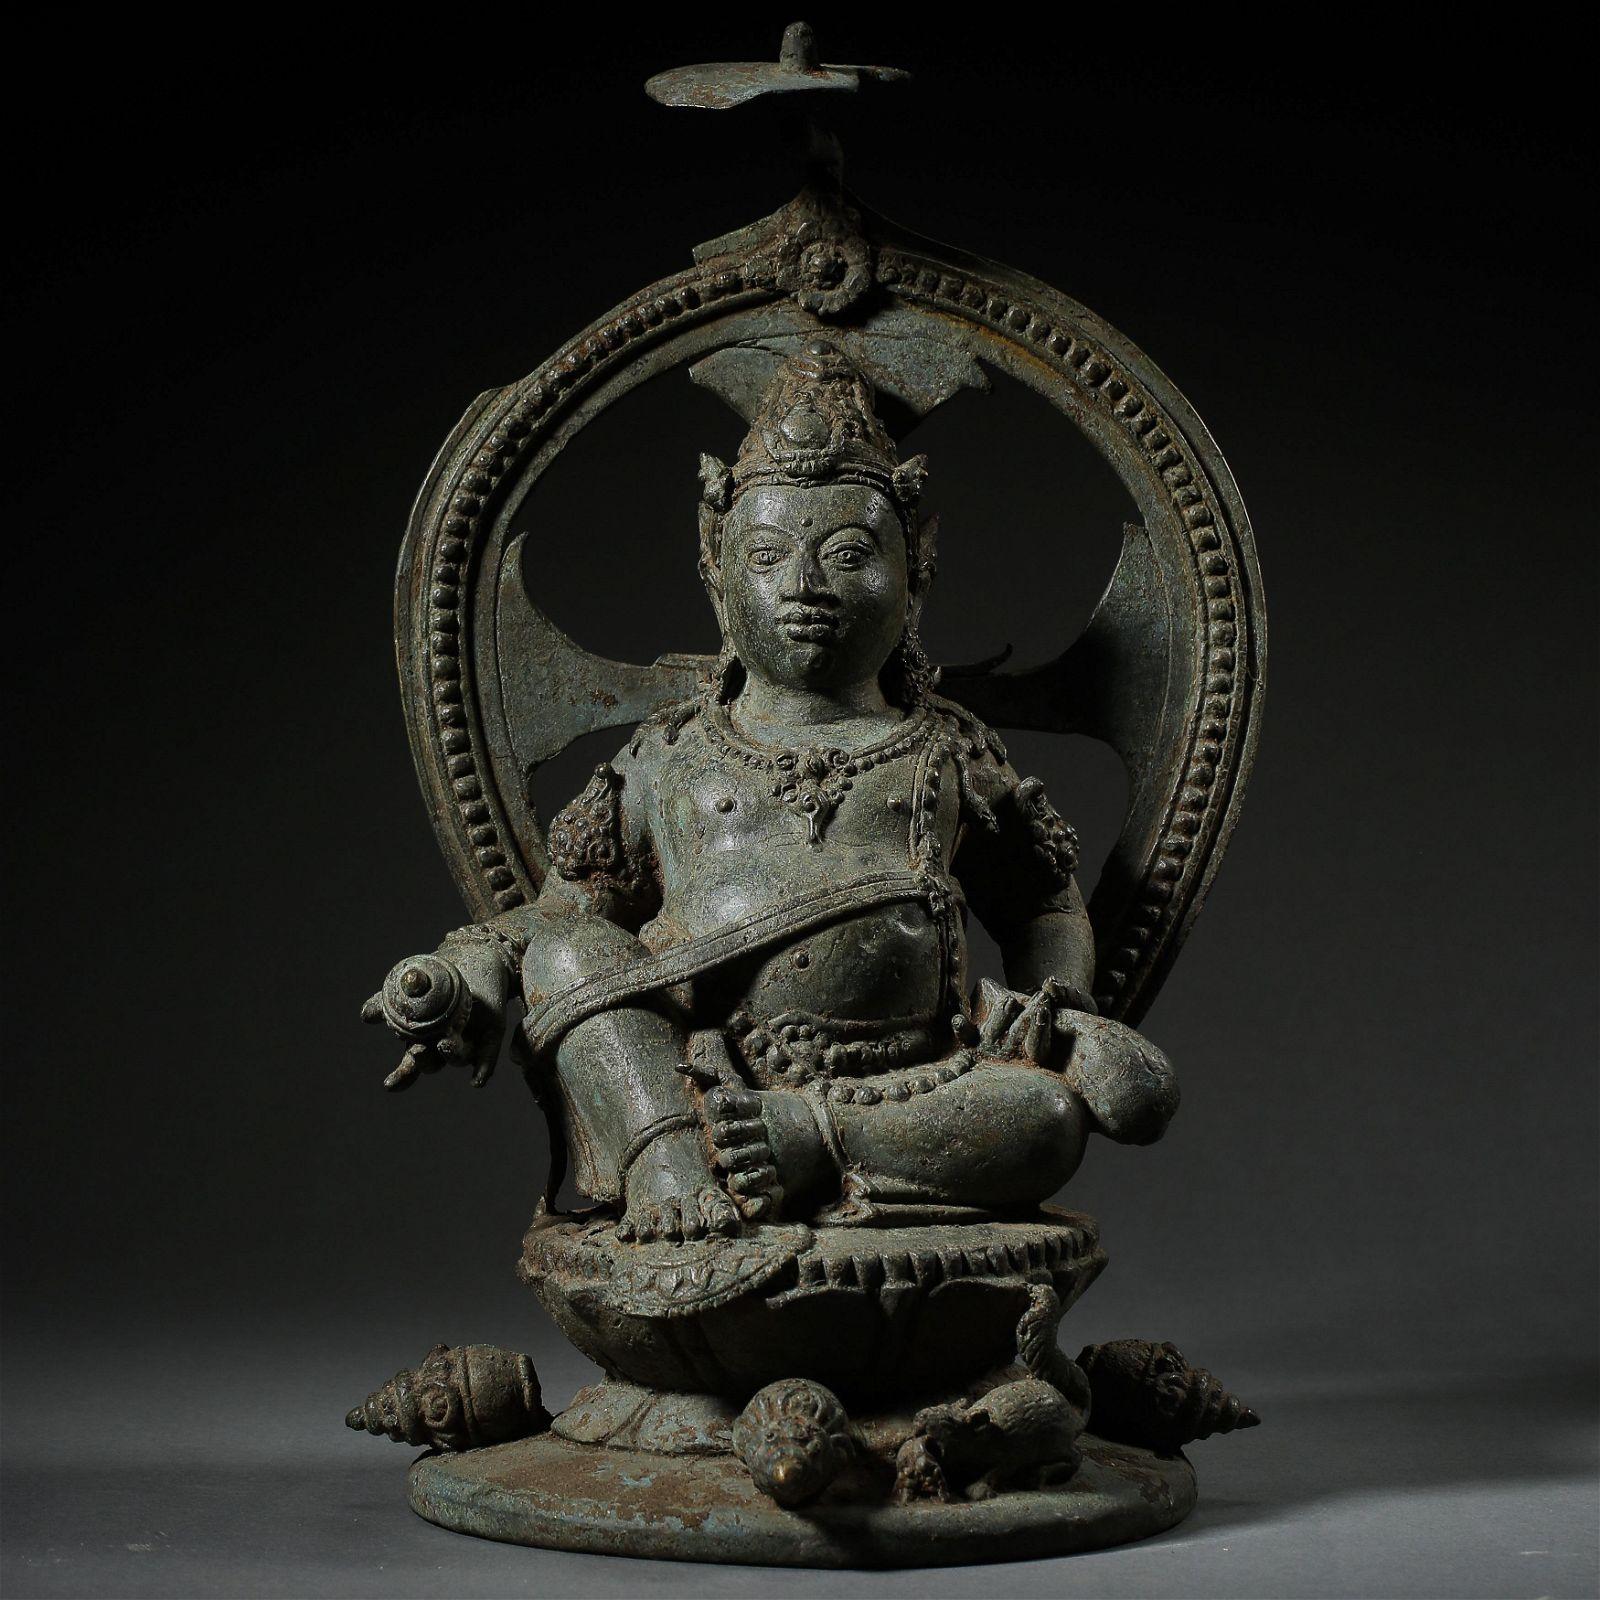 ANCIENT INDIA BRONZE BUDDHA STATUE